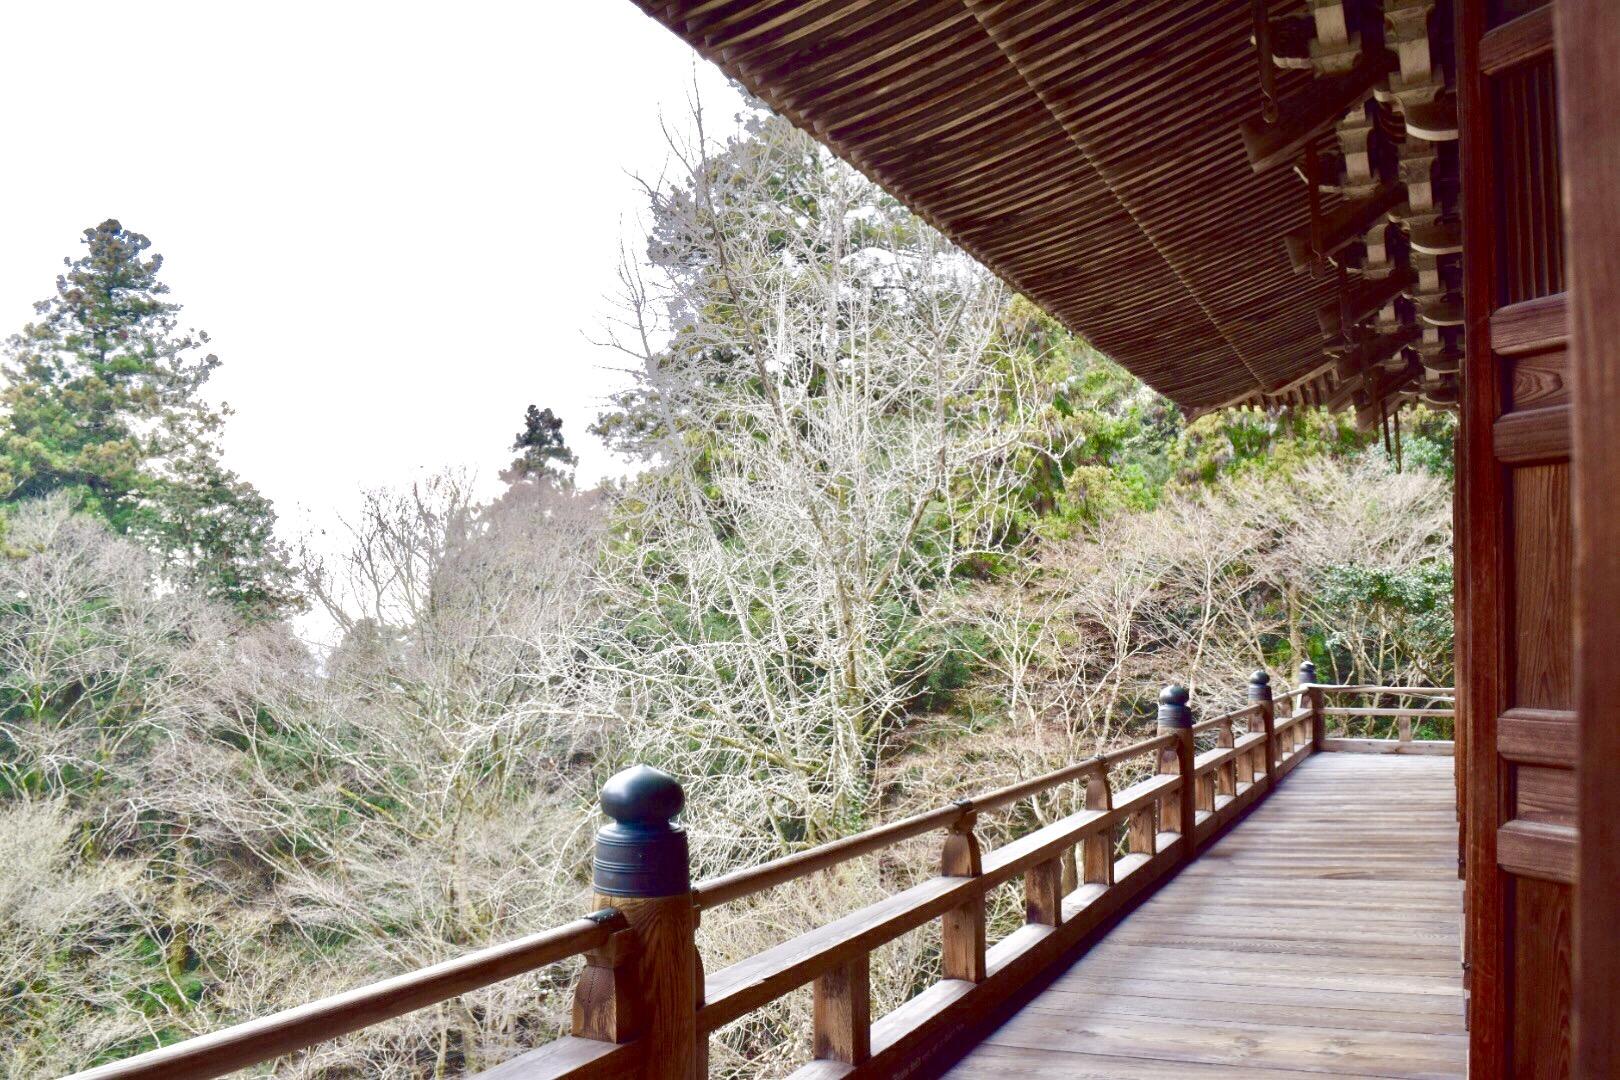 書写山円教寺の食堂、映画「ラストサムライ」のロケ地